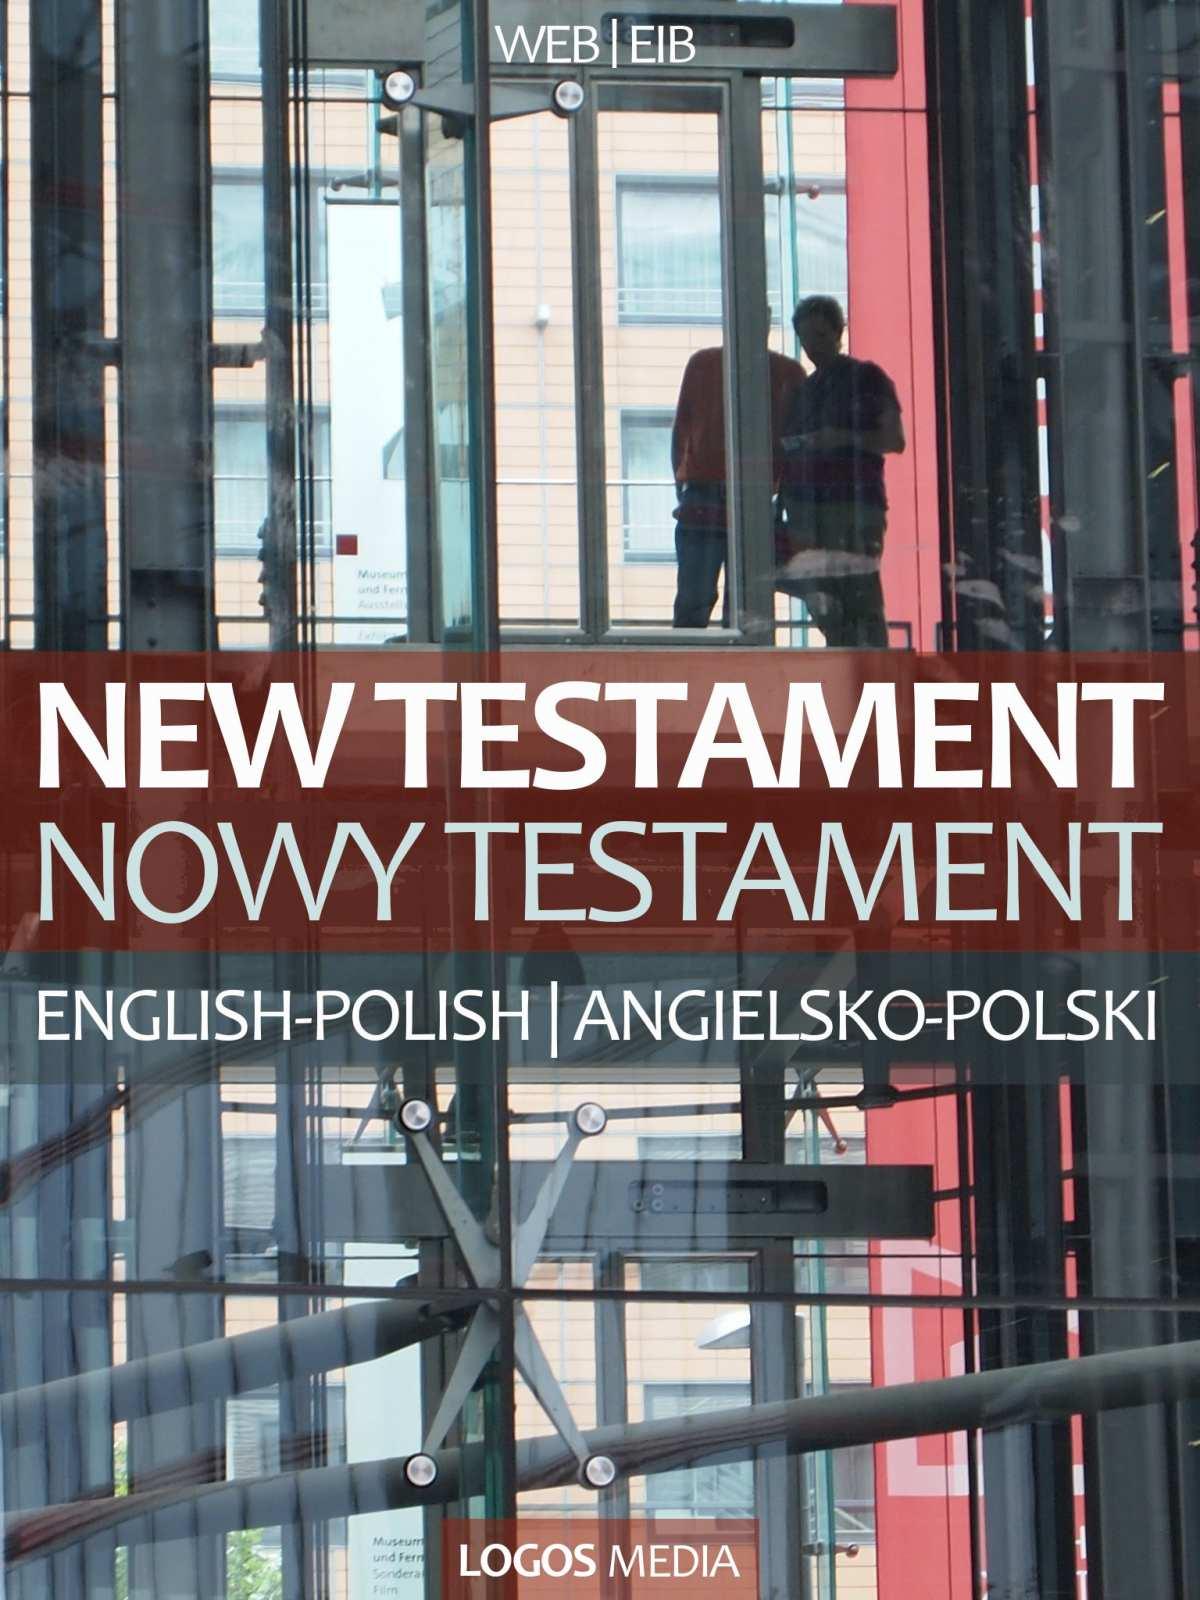 New Testament, English-Polish / Nowy Testament, angielsko-polski - Ebook (Książka na Kindle) do pobrania w formacie MOBI